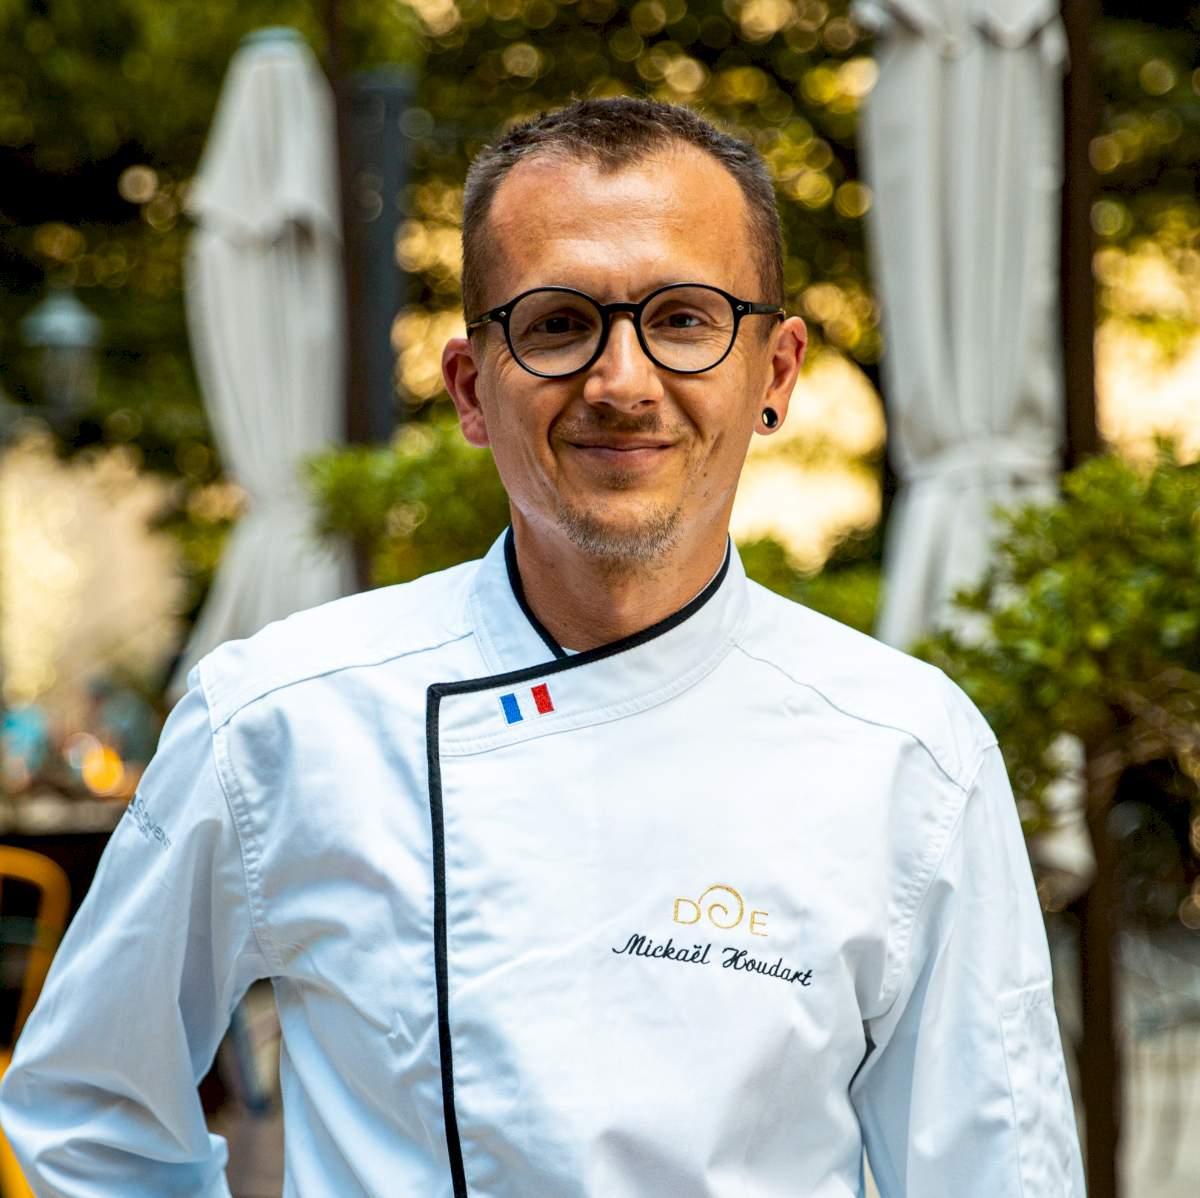 Mickaël Houdart